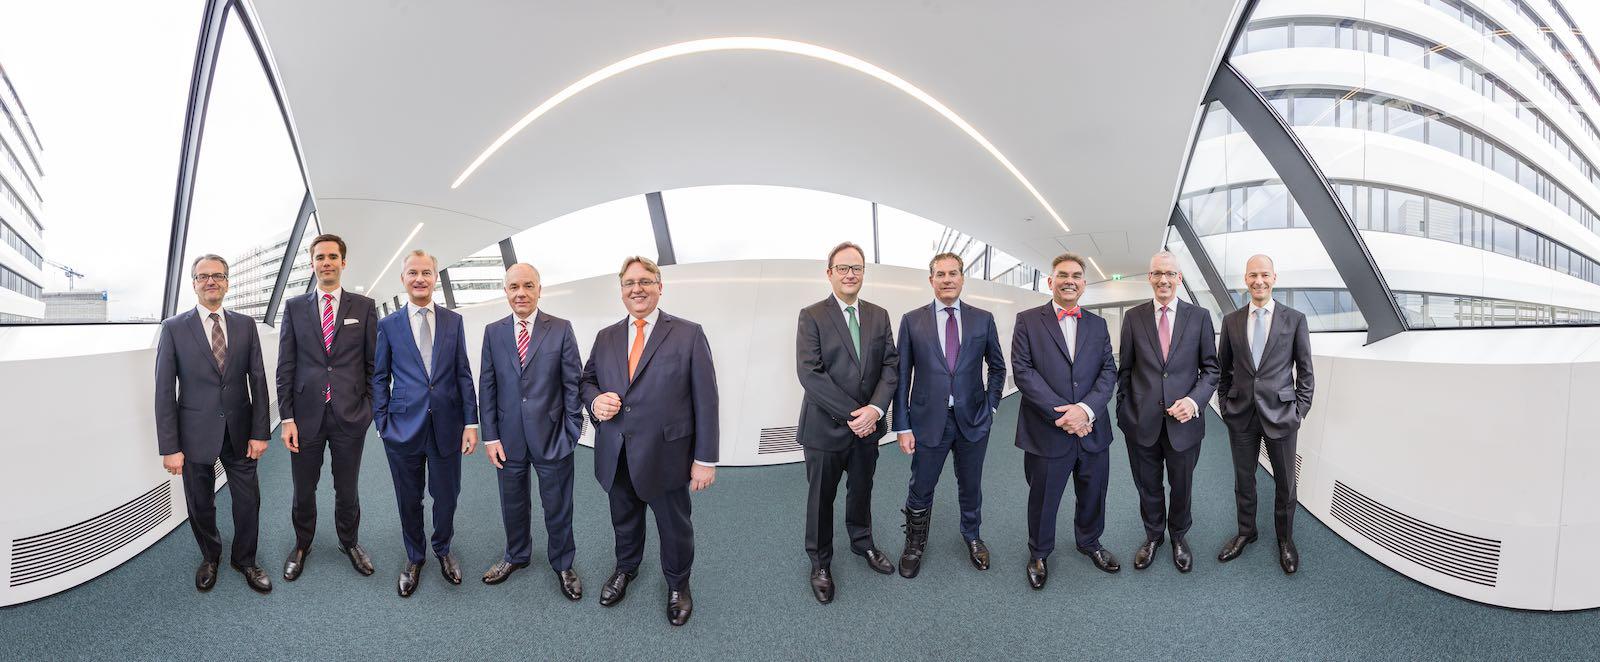 Gruppenfoto Panorama Vorstand Firmenzentrale